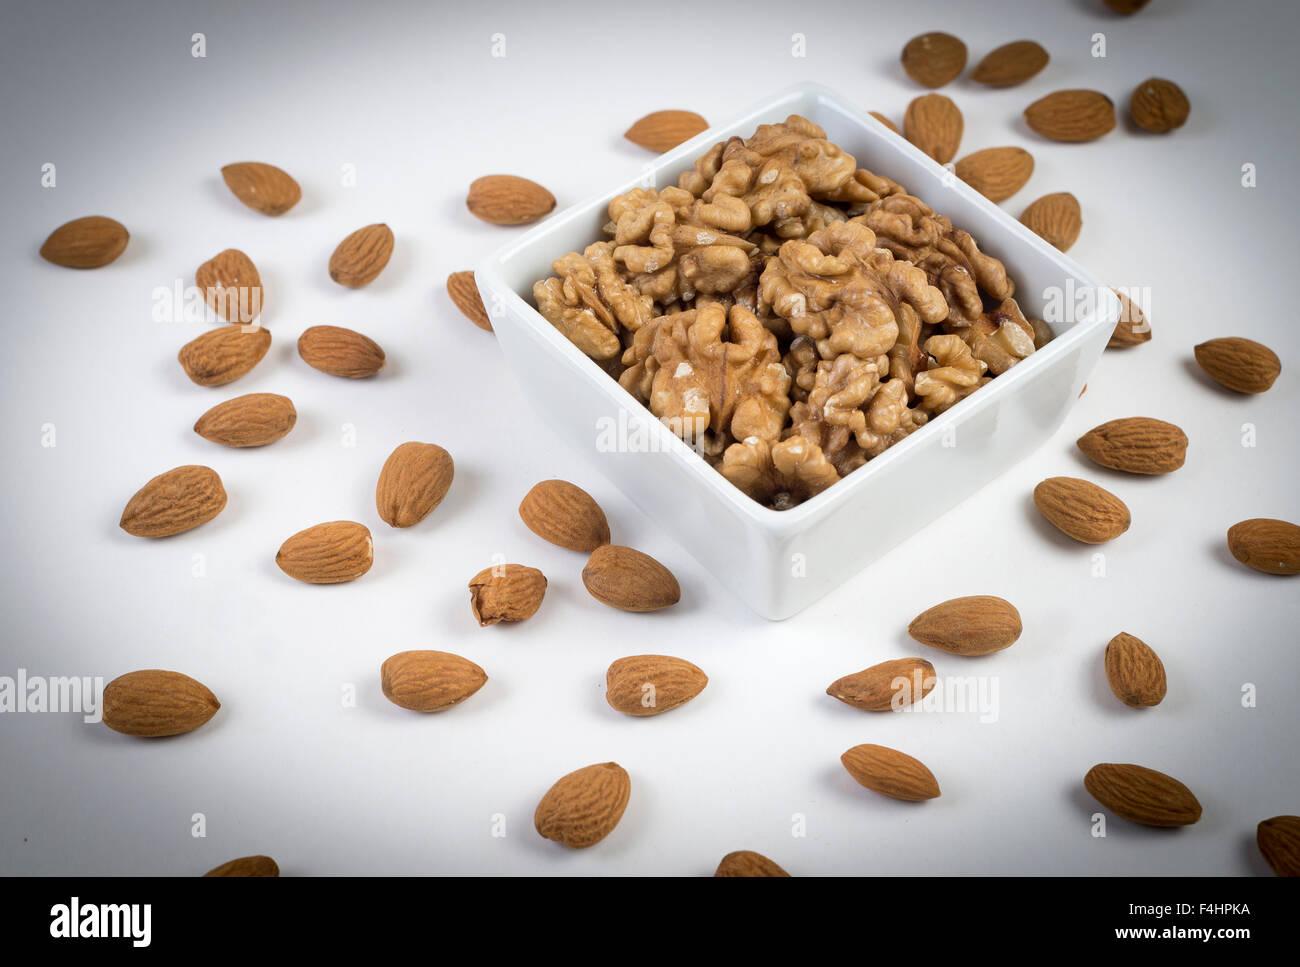 Tuercas. frutos secos, buena salud y alimentacion. Buena comida Imagen De Stock